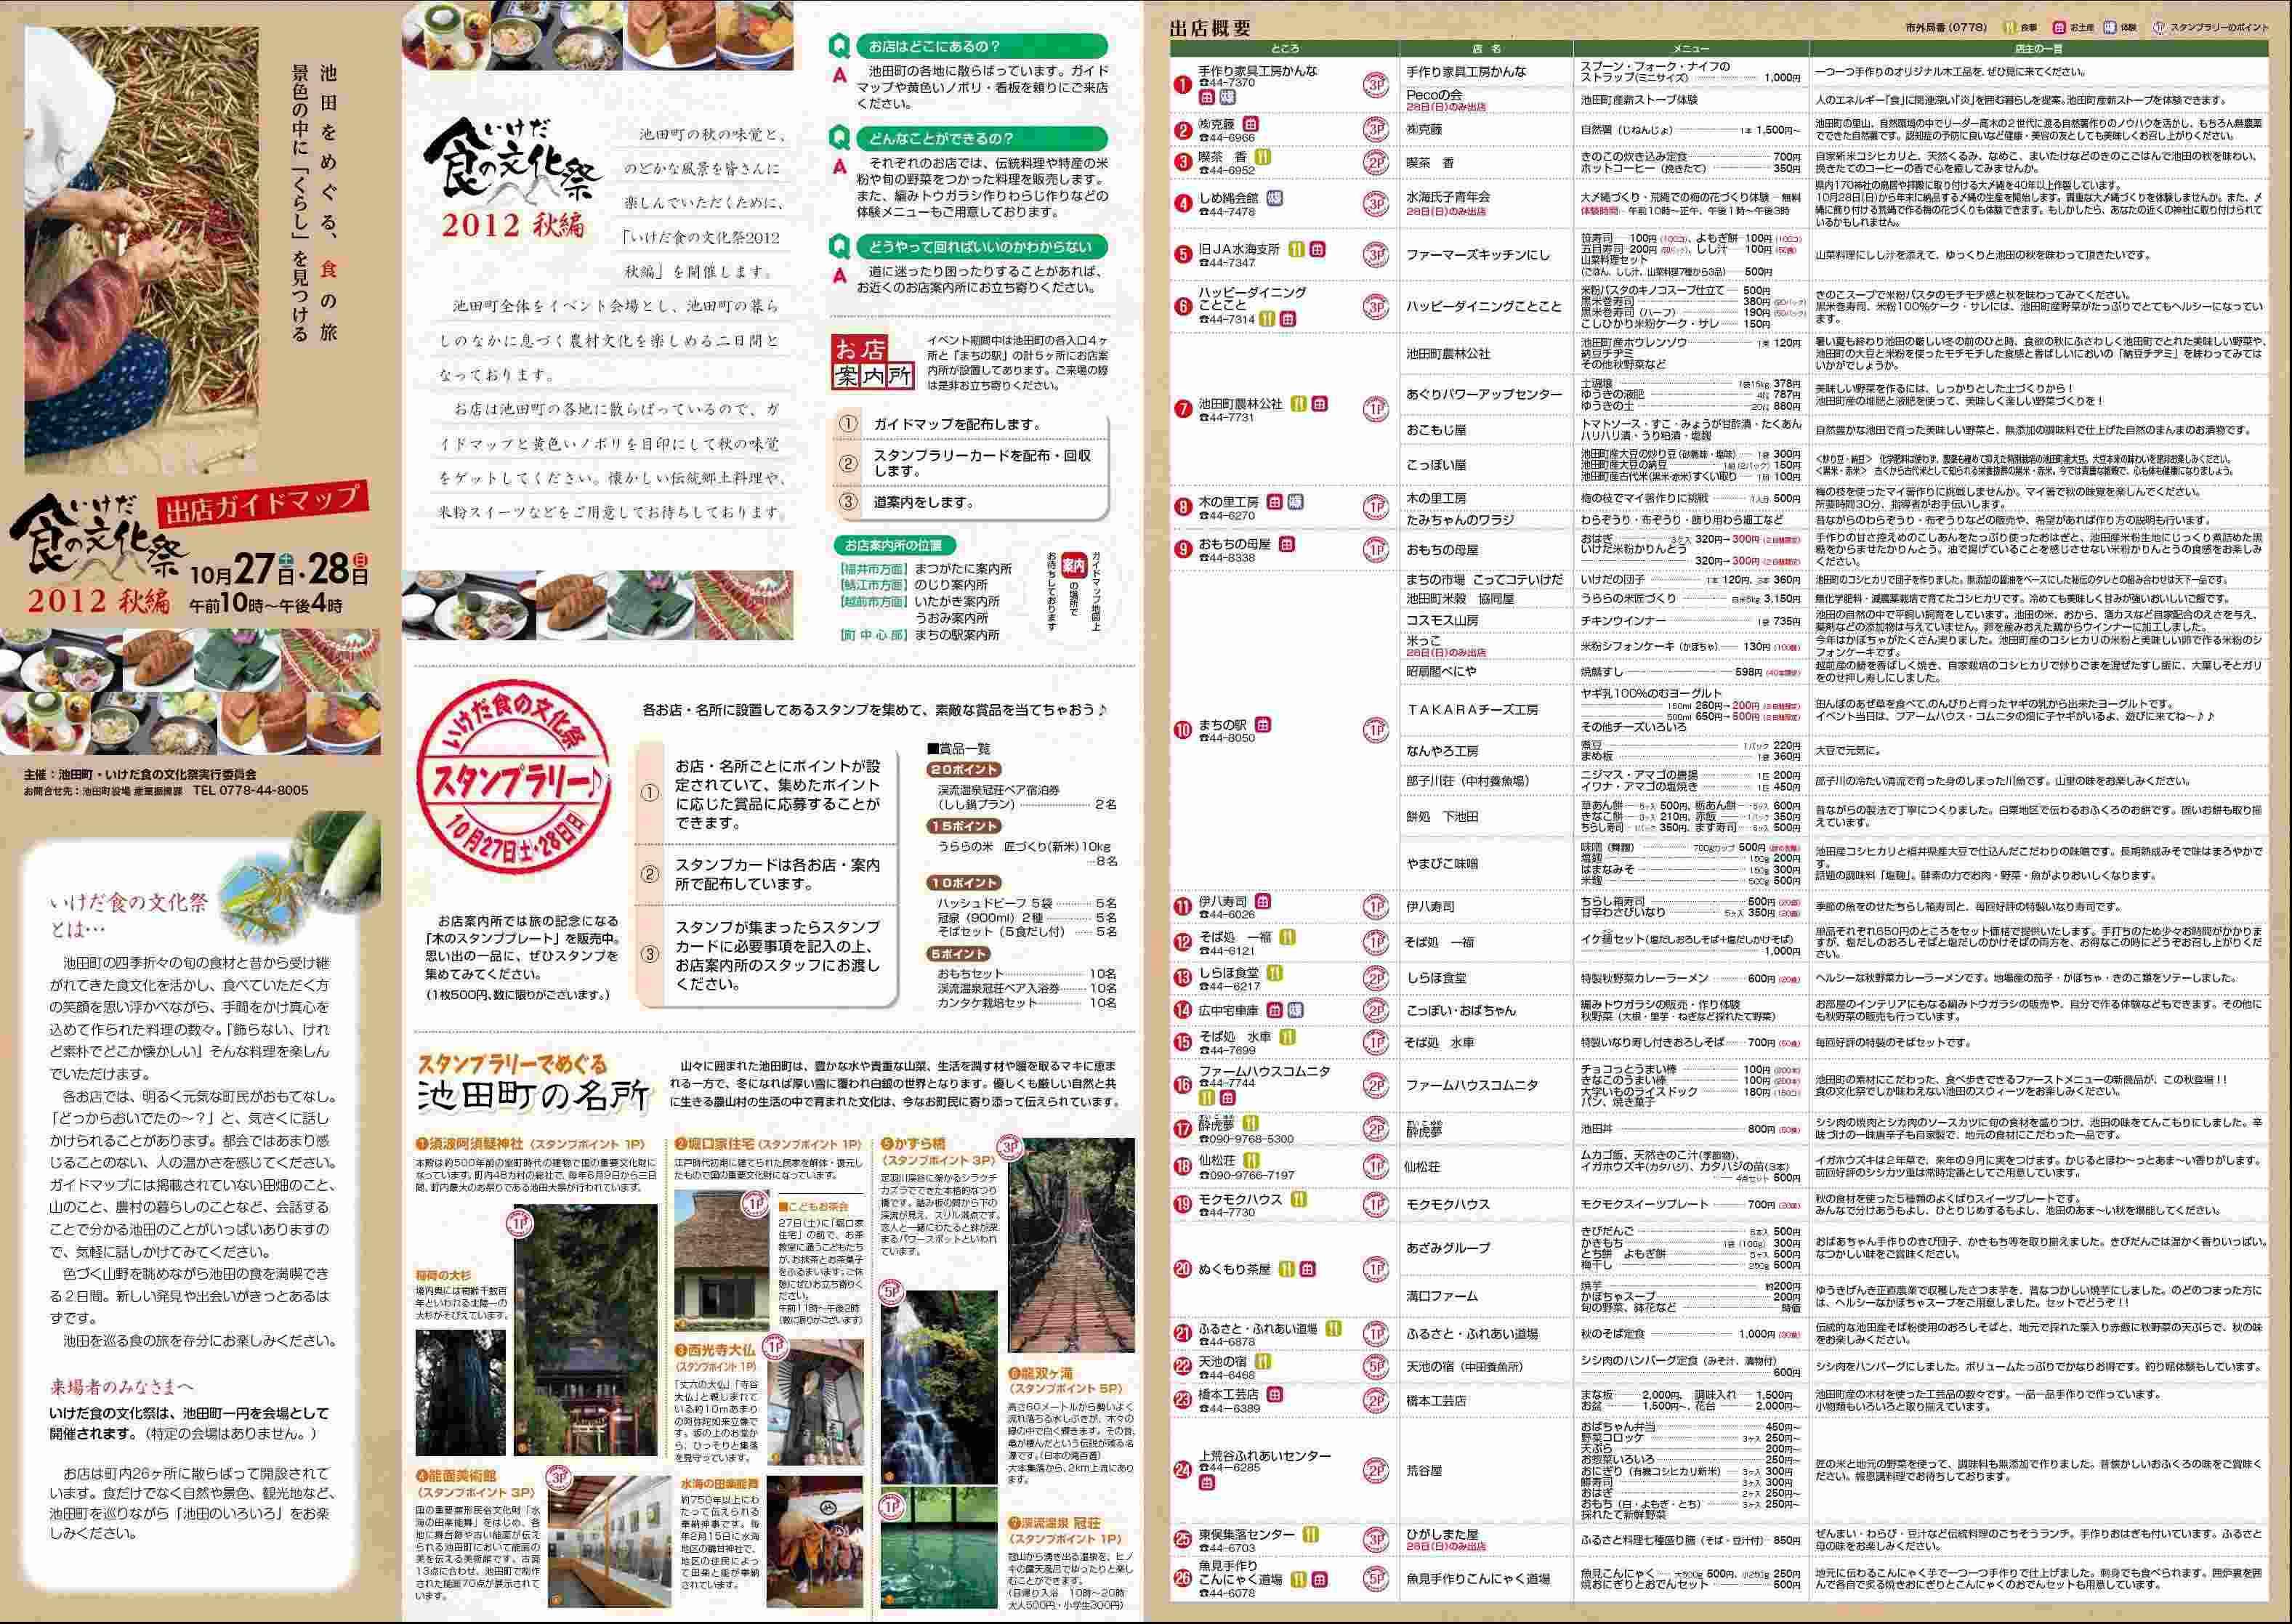 いけだ食の文化祭2012秋編